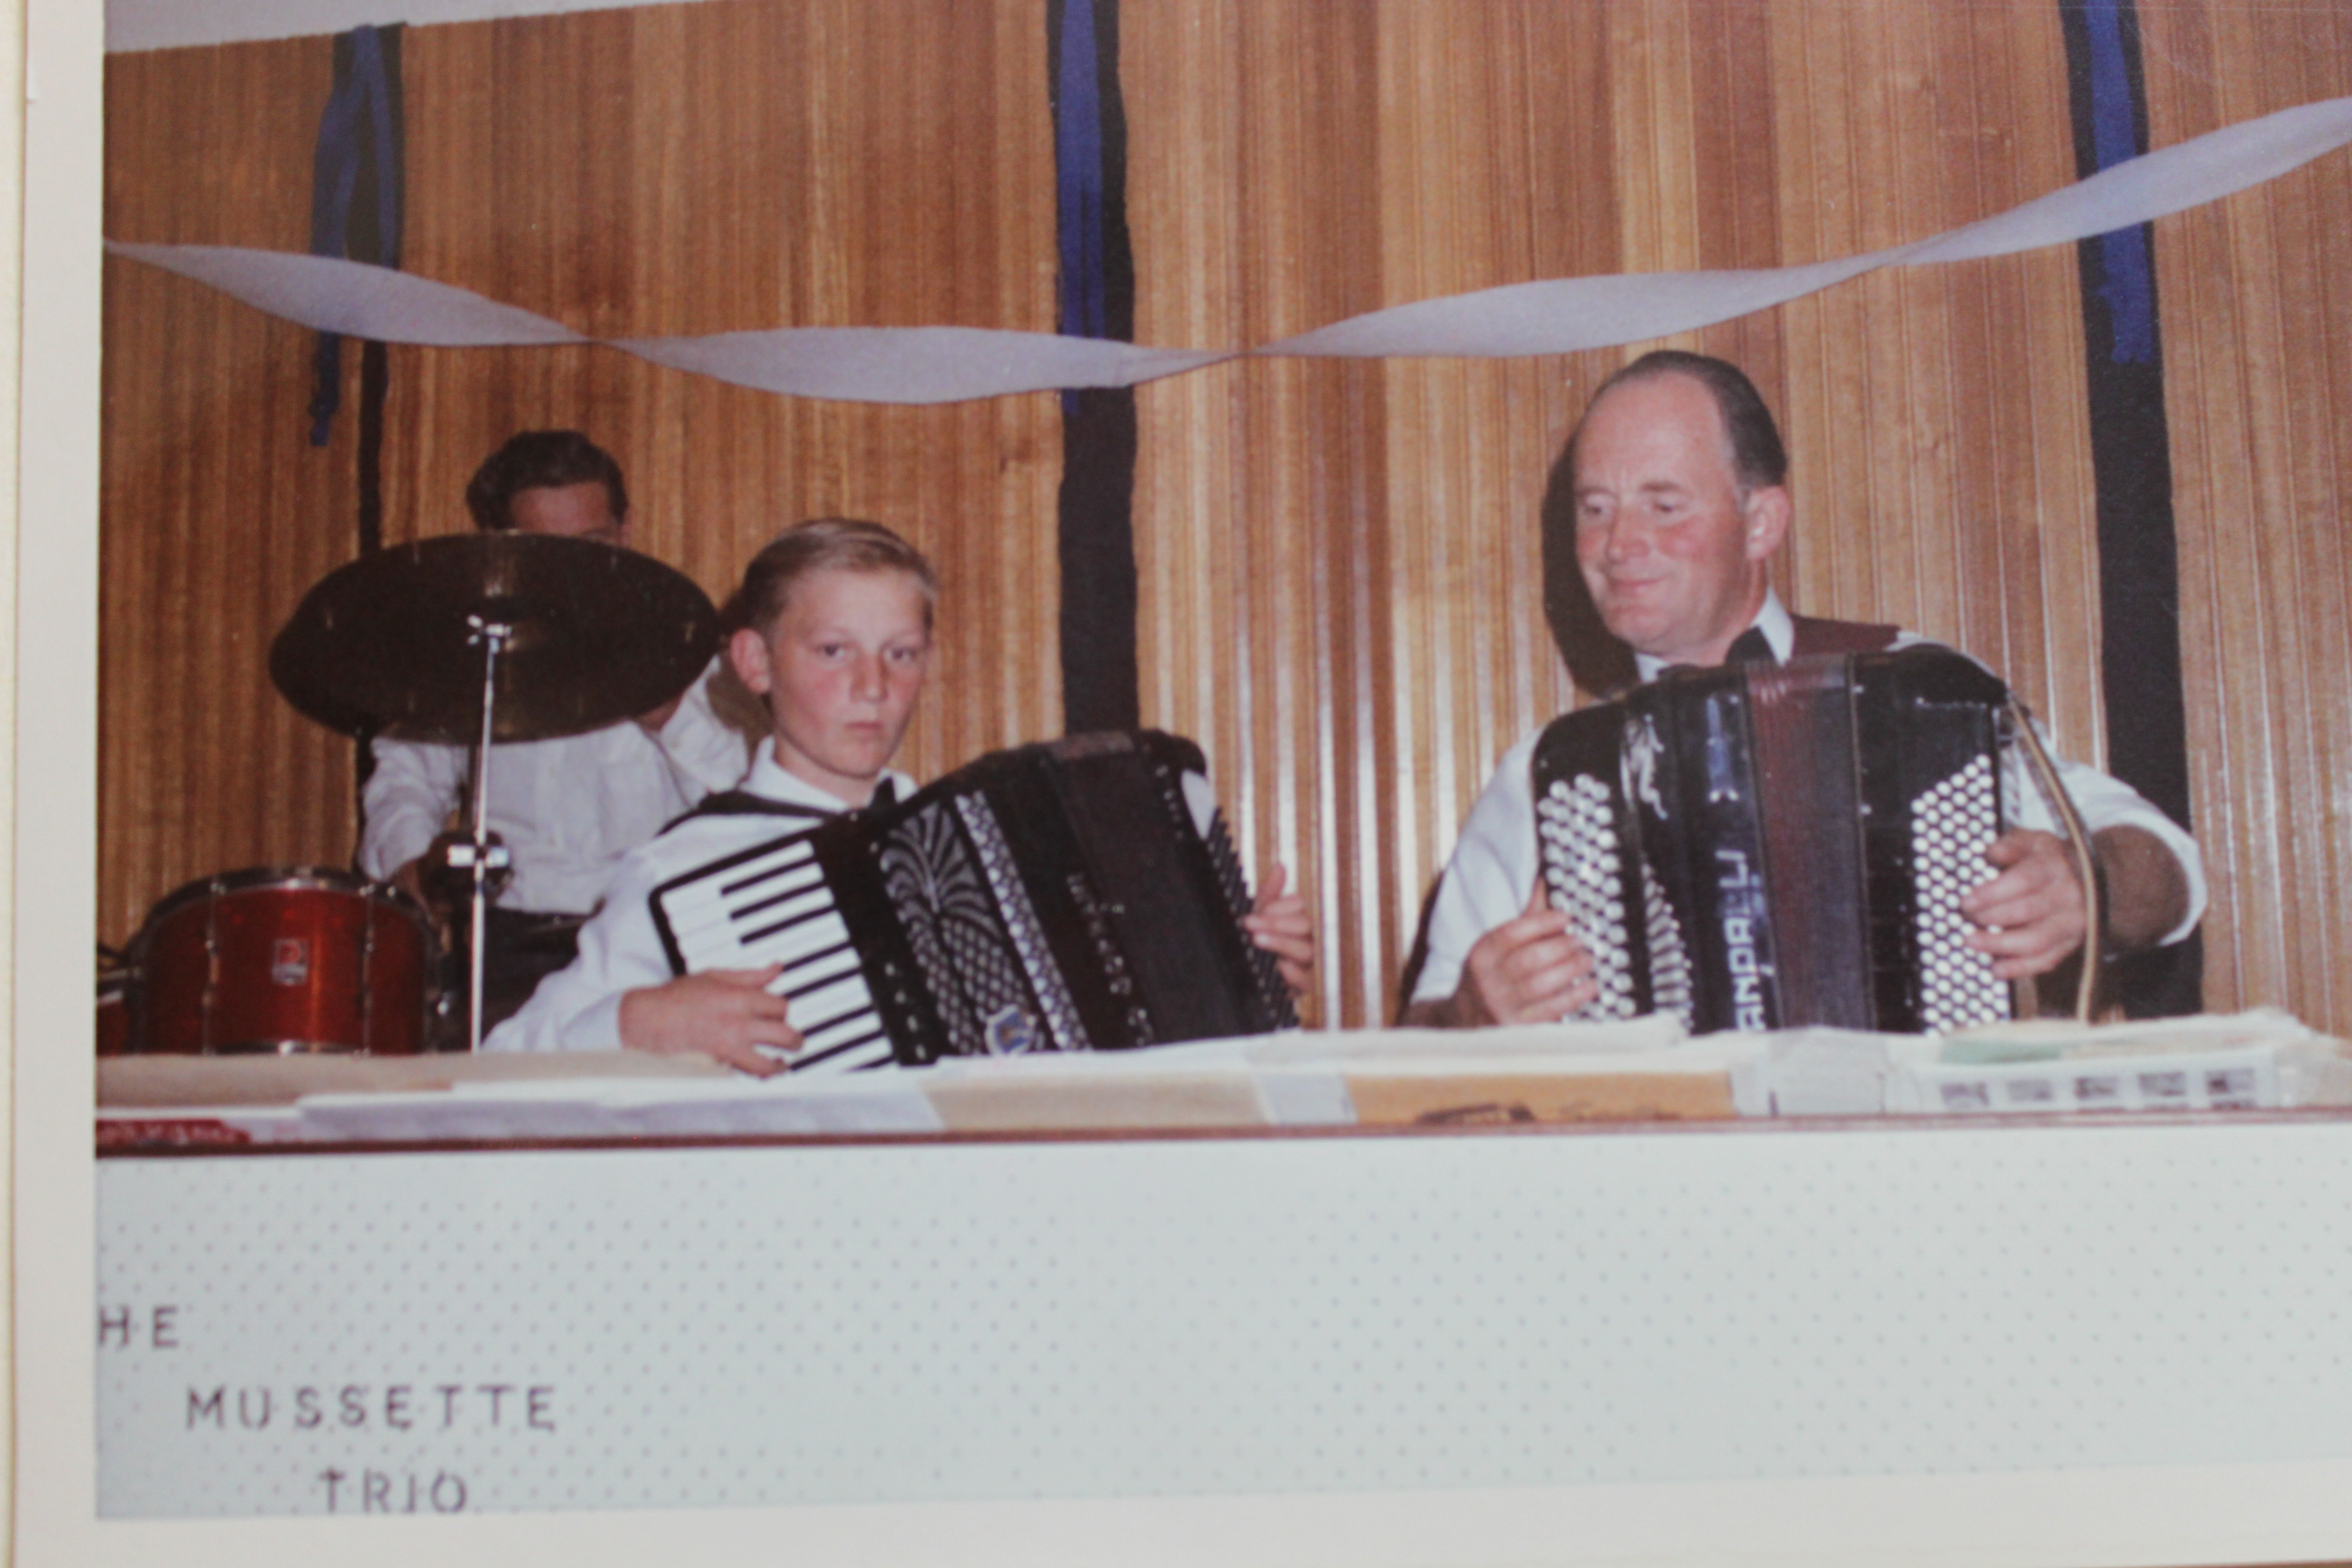 Anton in The Musette Trio 1969